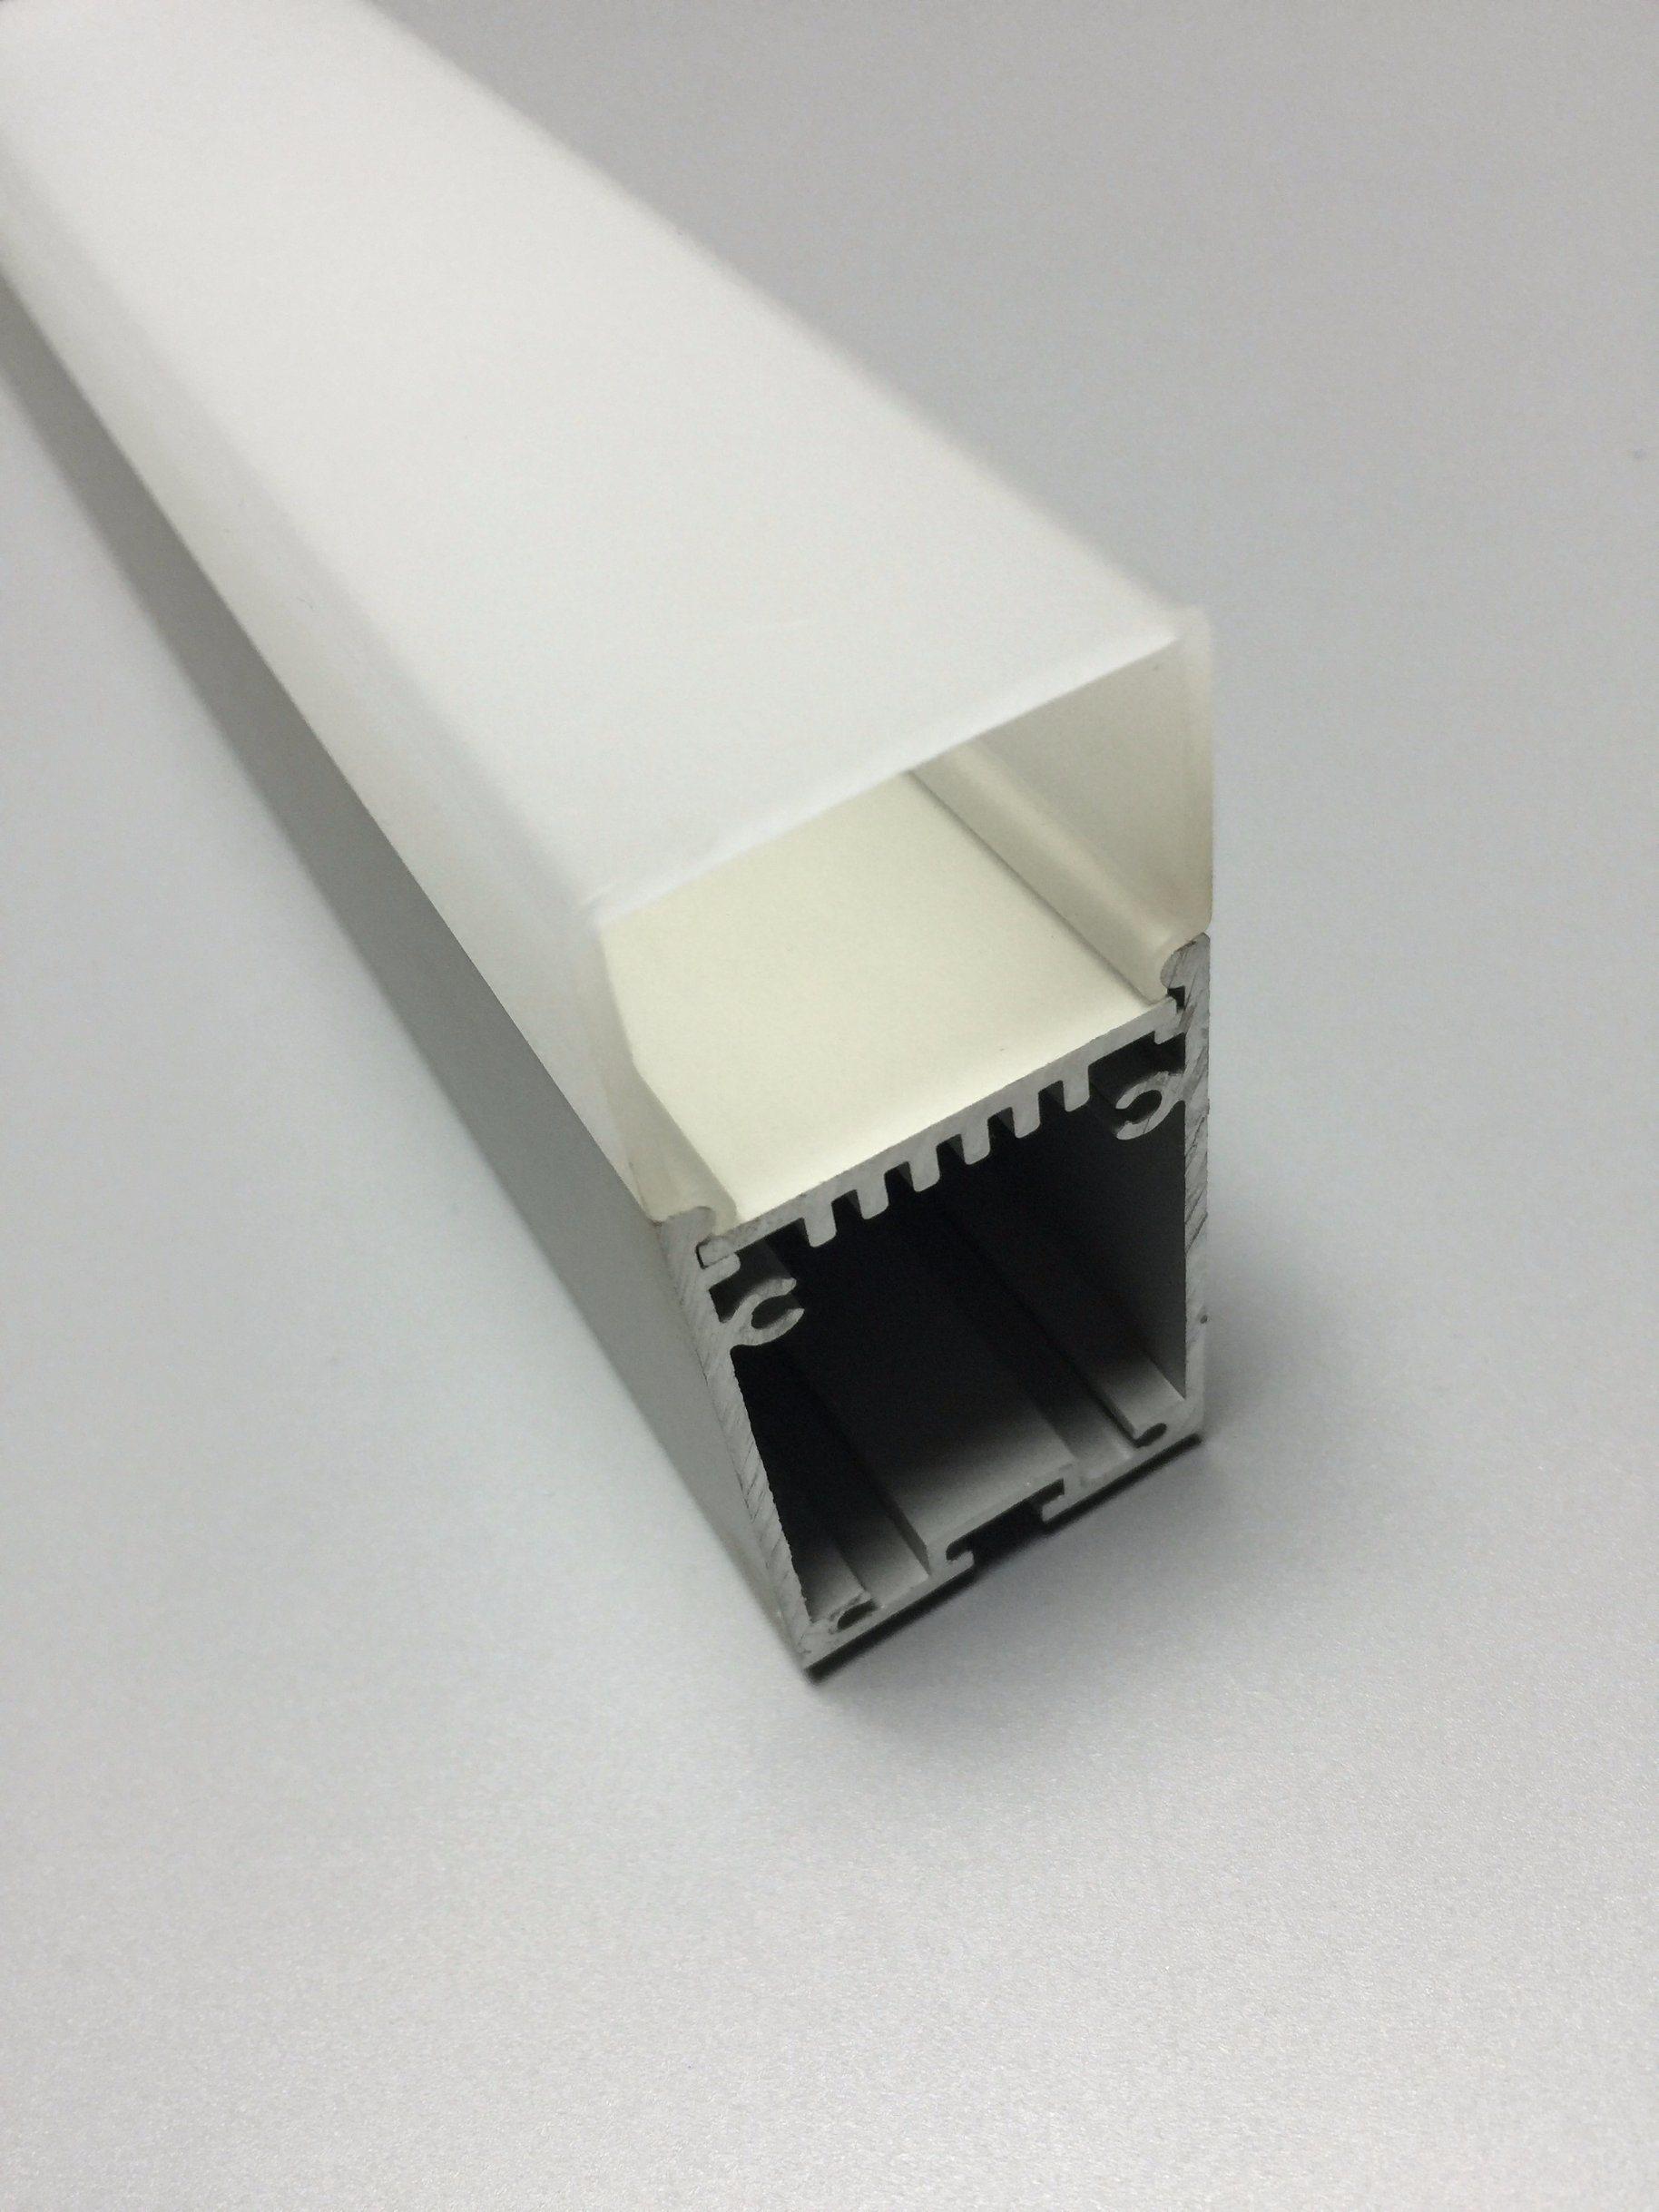 LED Aluminum Profile LED, Aluminium LED Profile, LED Aluminium Channel